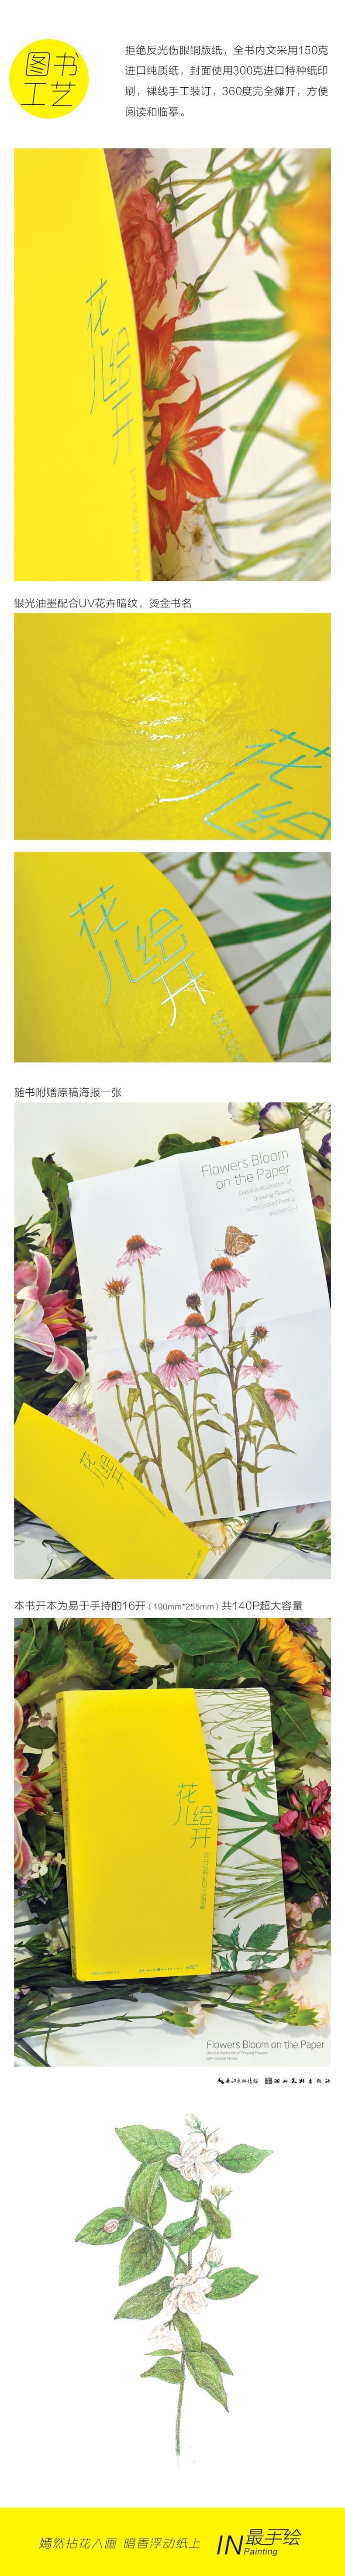 花儿绘开---花卉彩铅经典步骤详解